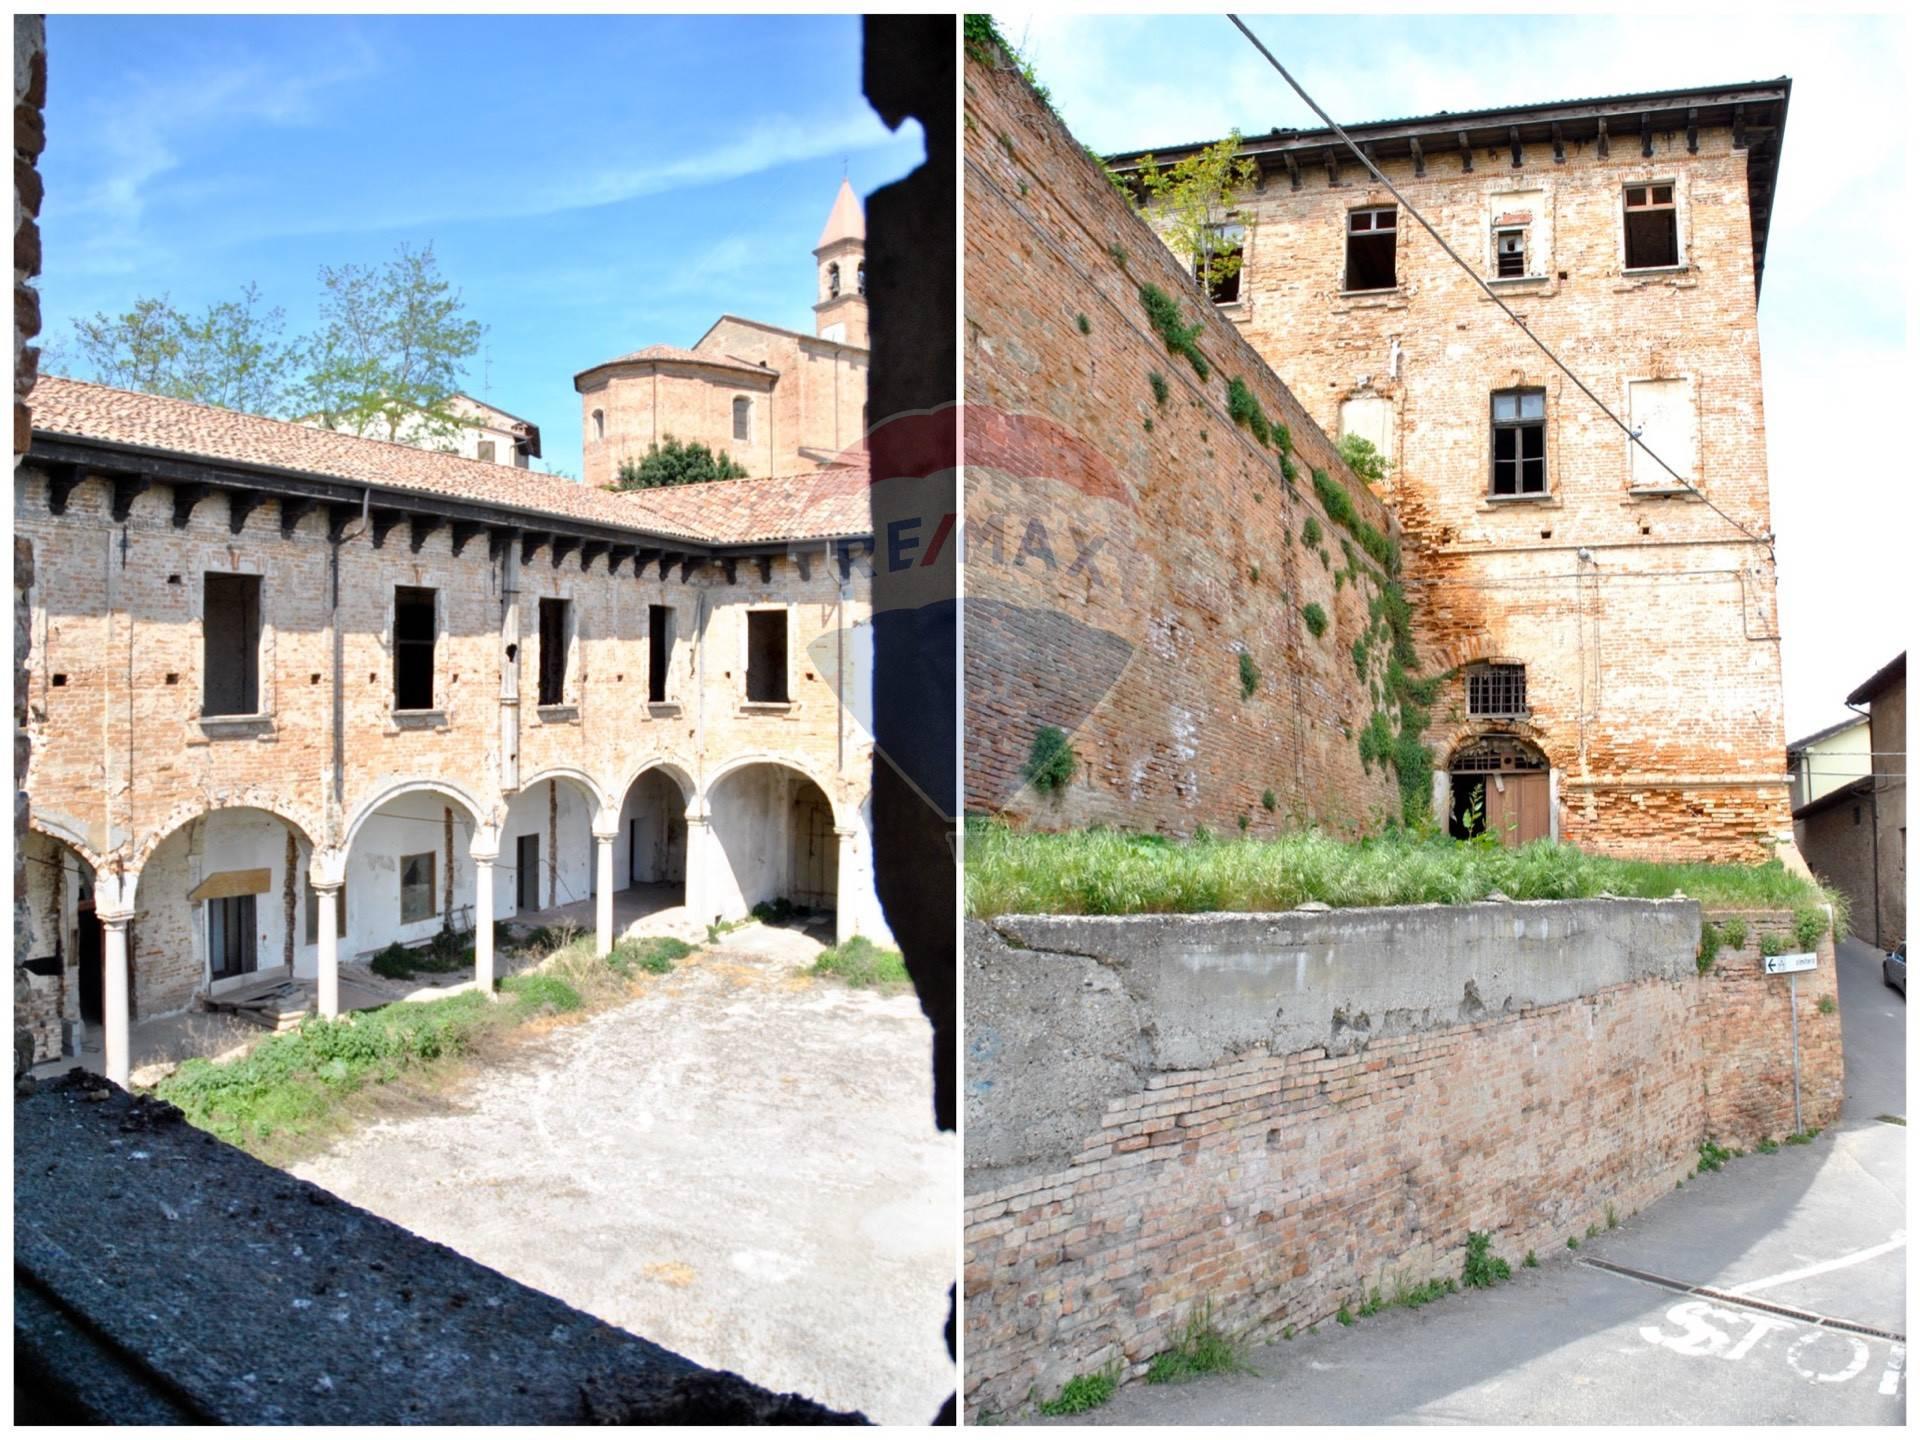 Albergo in vendita a Pecetto di Valenza, 9999 locali, Trattative riservate | CambioCasa.it